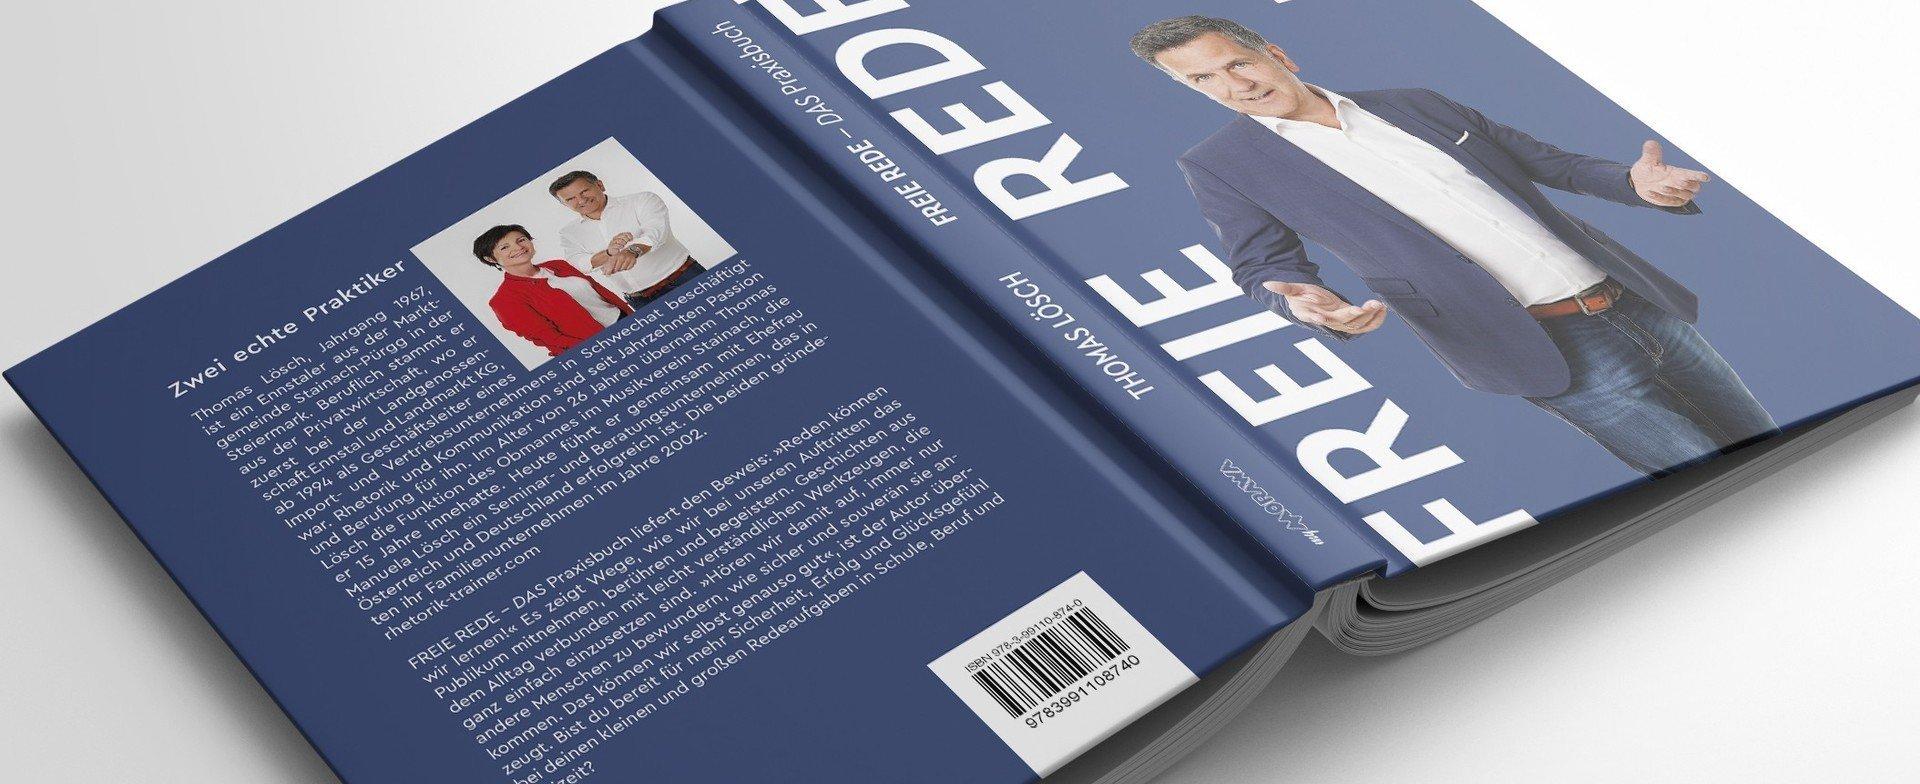 FREIE REDE - DAS Praxisbuch